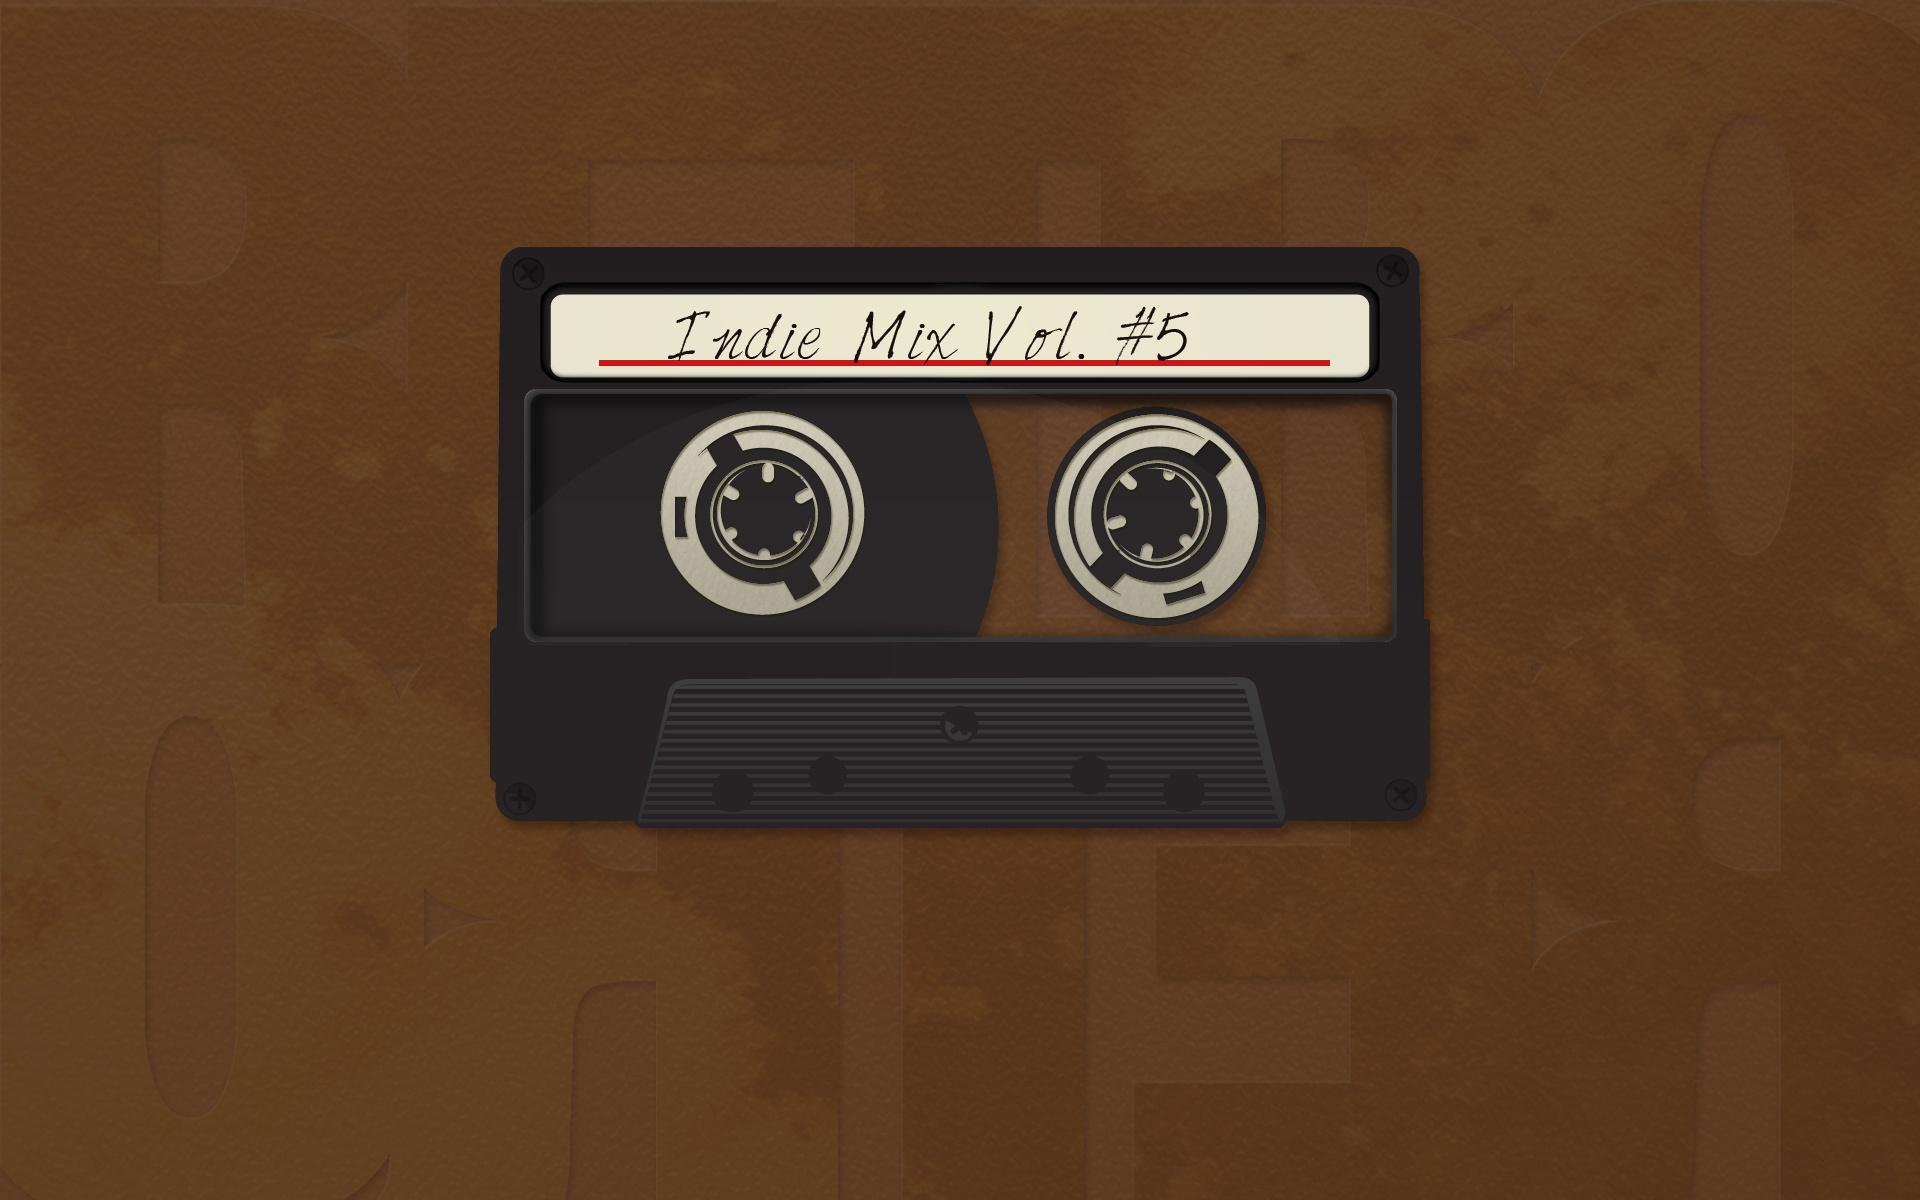 Wallpaper creative cassette indie mix desktop wallpaper Music 1920x1200